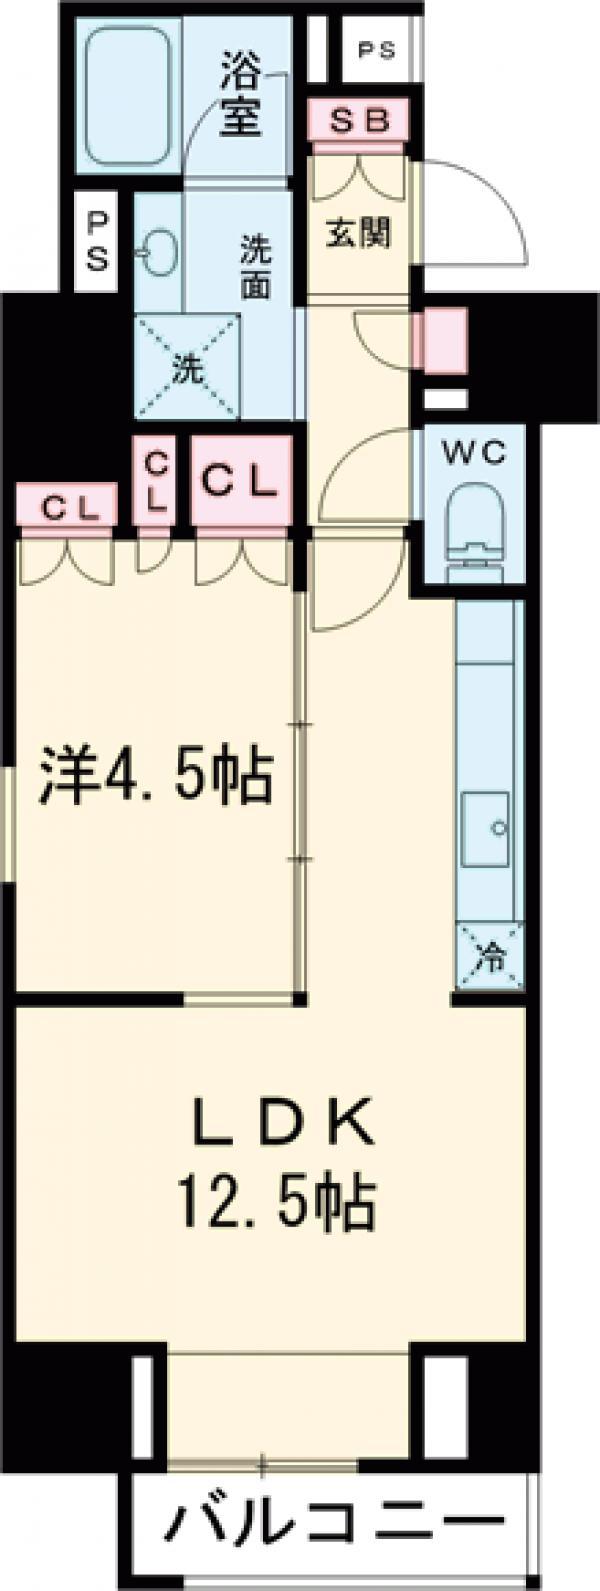 プラウドフラット西早稲田・201号室の間取り